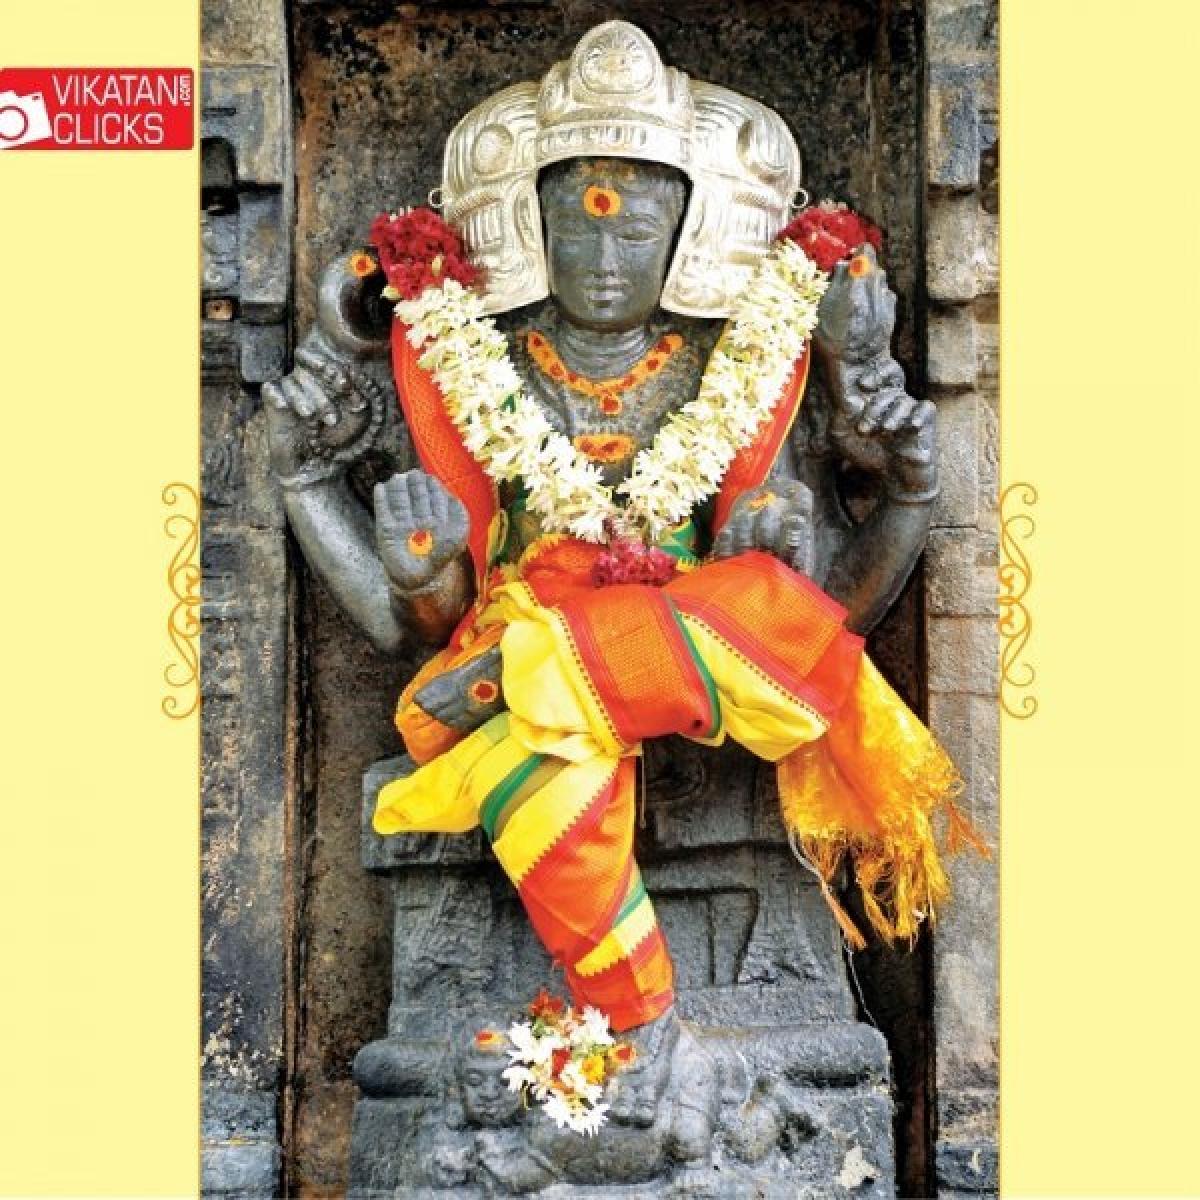 ஈஸ்வரனின் திருவடிவம், ஆதி ஆசிரியன் ஸ்ரீதட்சிணாமூர்த்தியின் மகிமைகள்! #VikatanPhotoStory